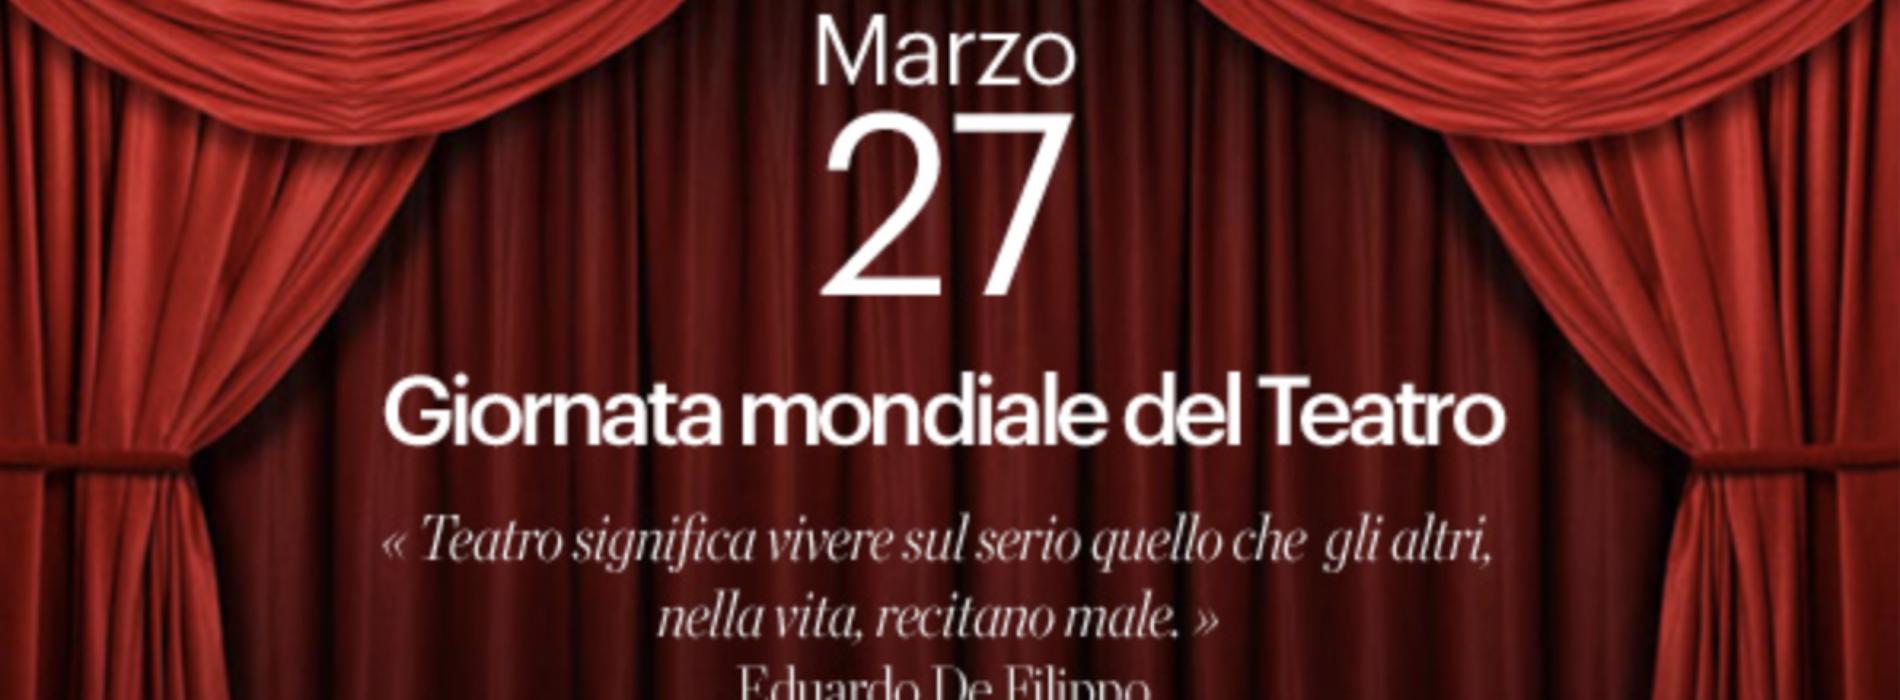 27 marzo. Giornata Mondiale del Teatro ai tempi… di Covid-19